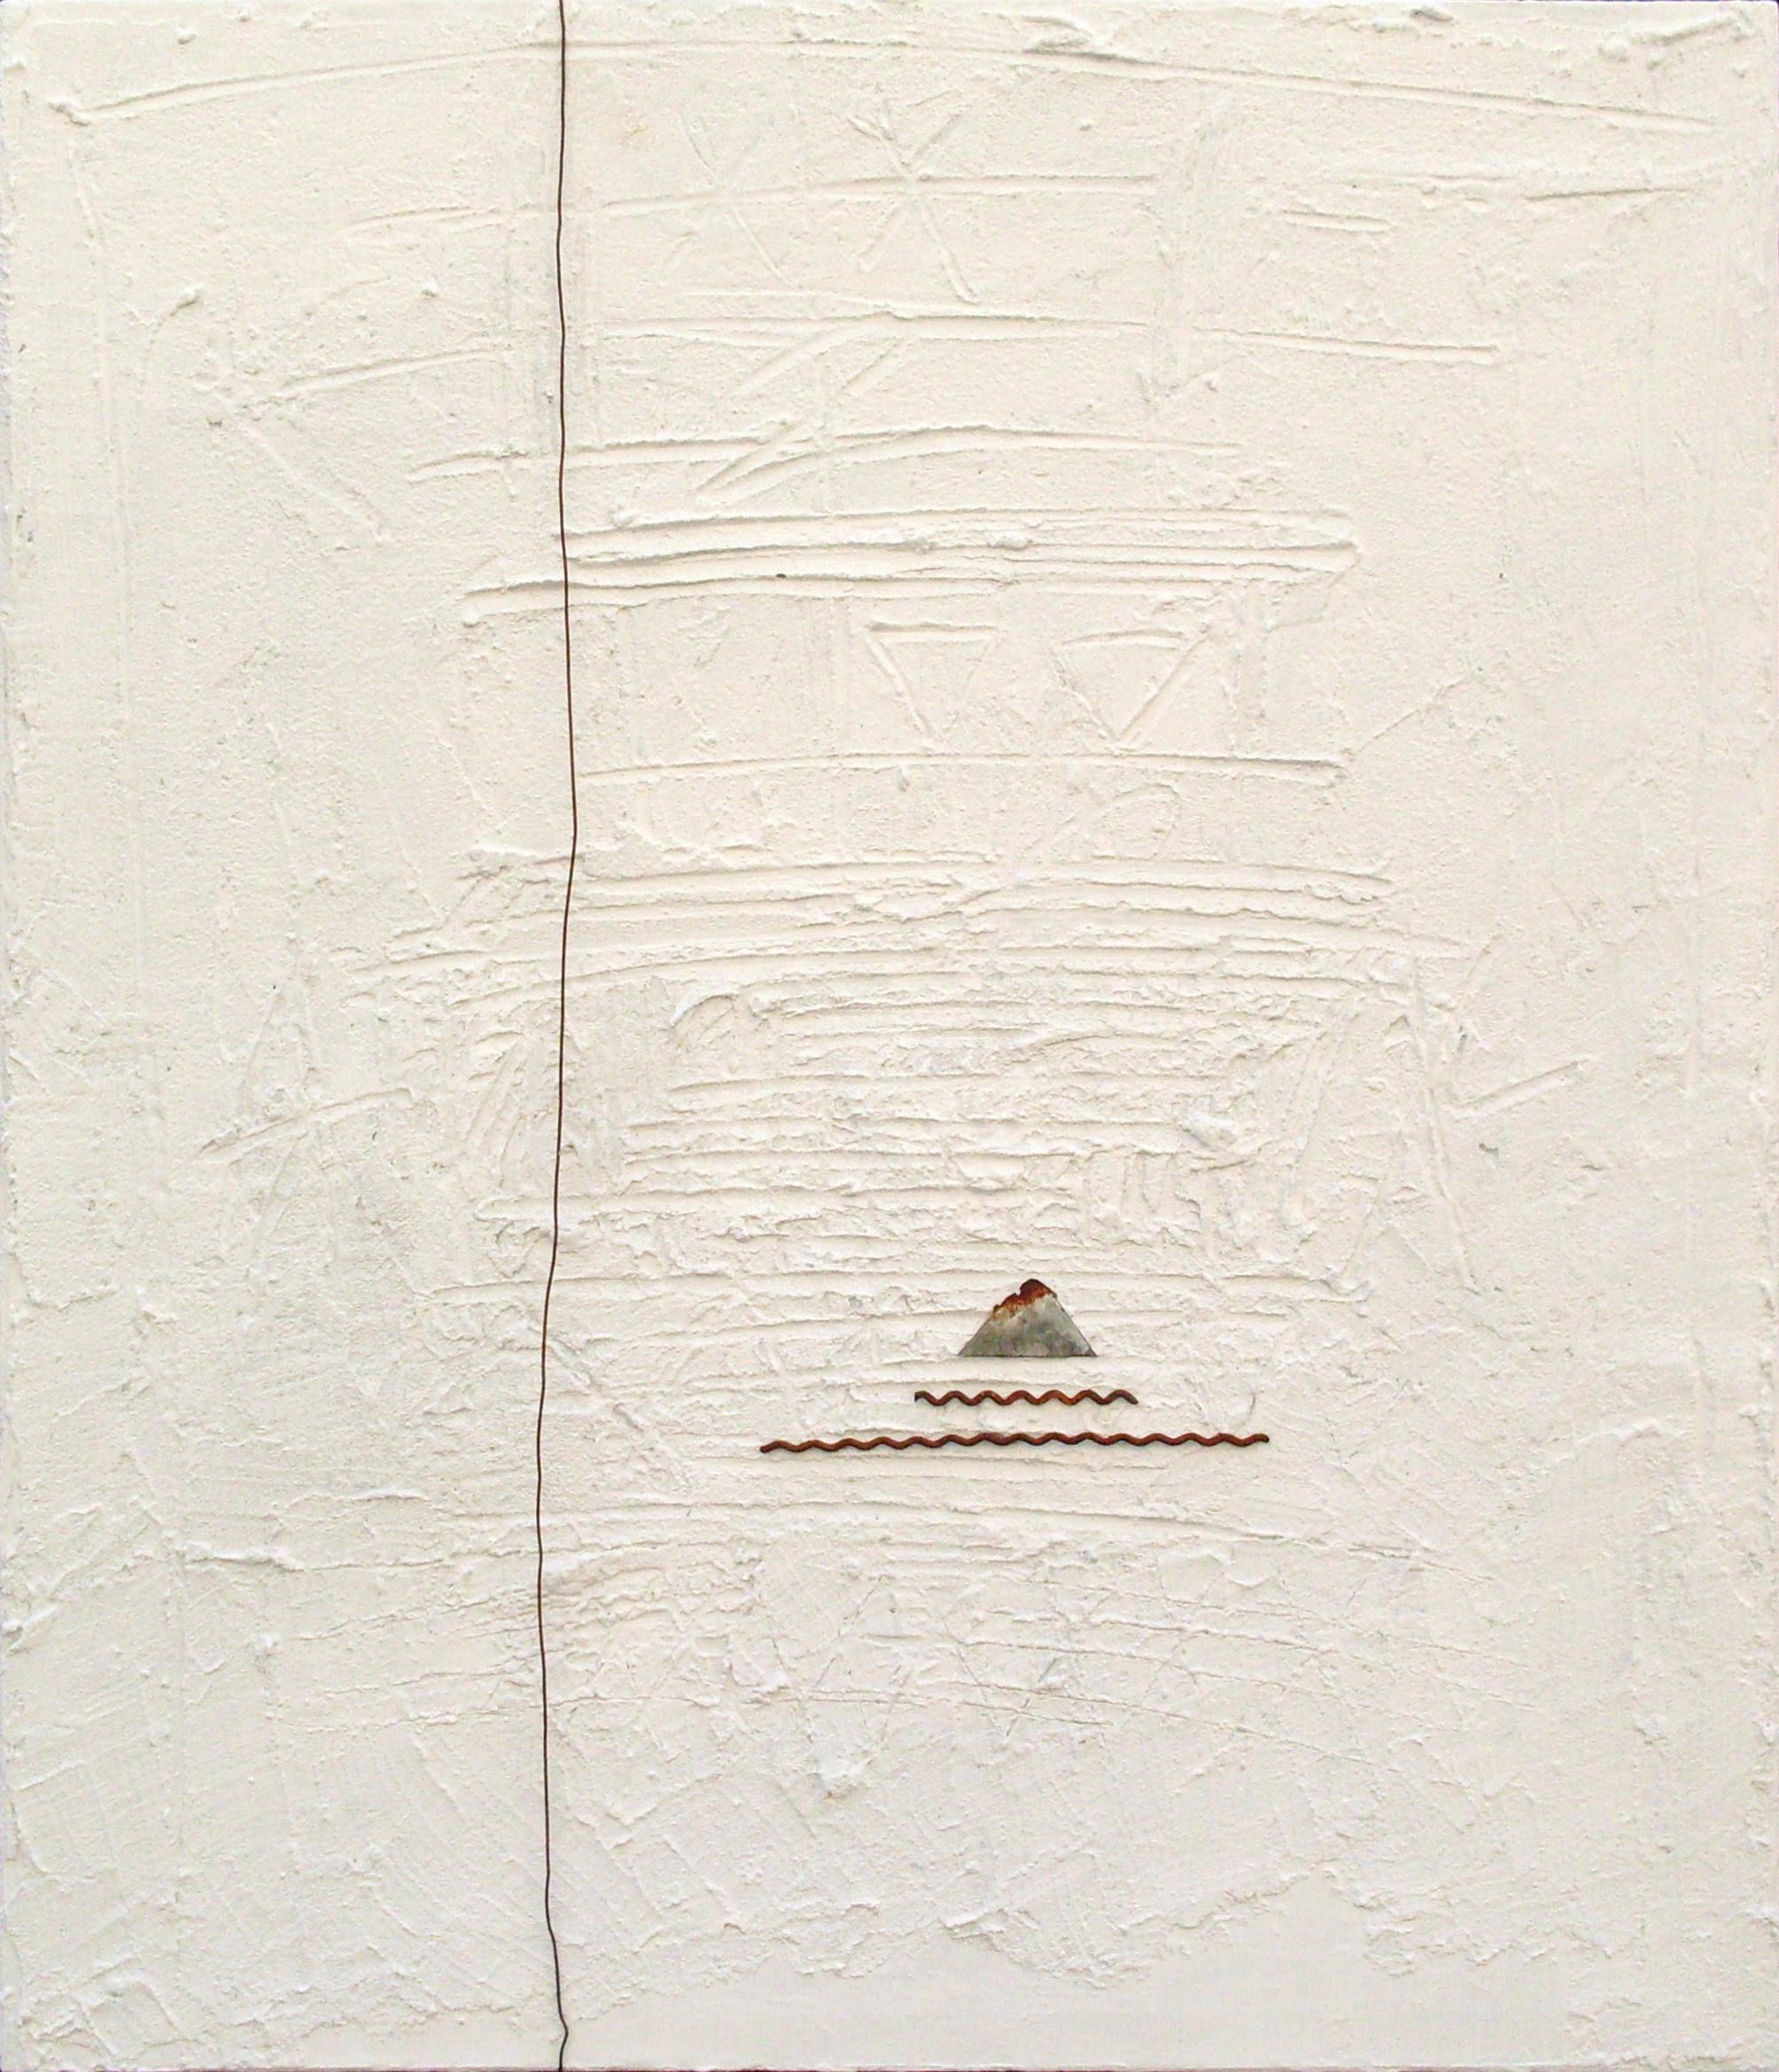 Impronte, tecnica mista su tavola e ferro, 60x50, 2013